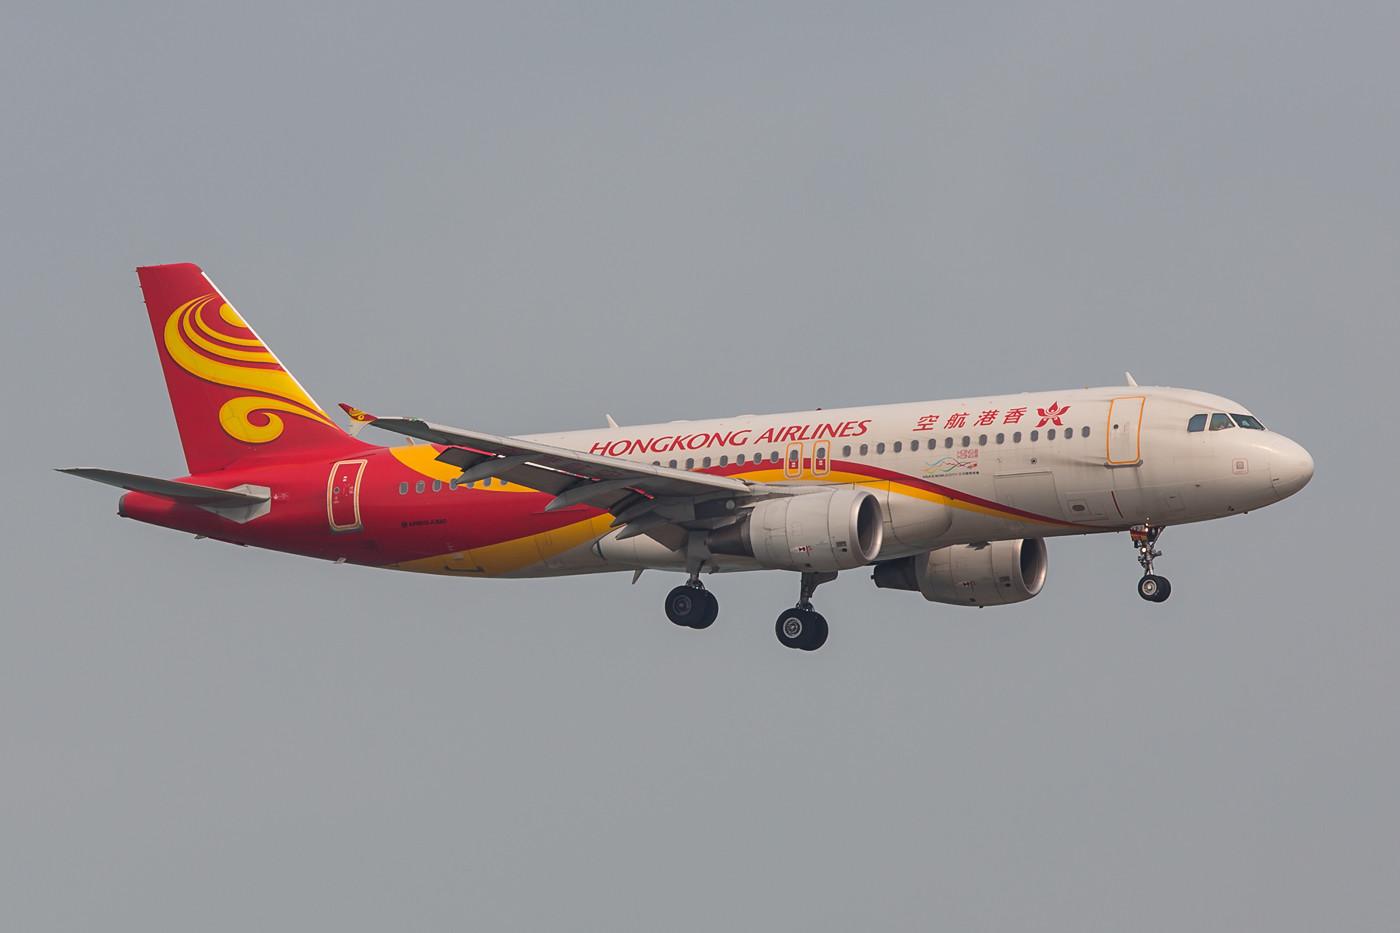 Mit der Hongkon Airlines hat die Hainan Gruppe nun auch in HKG eine eigene Airline gegründet.